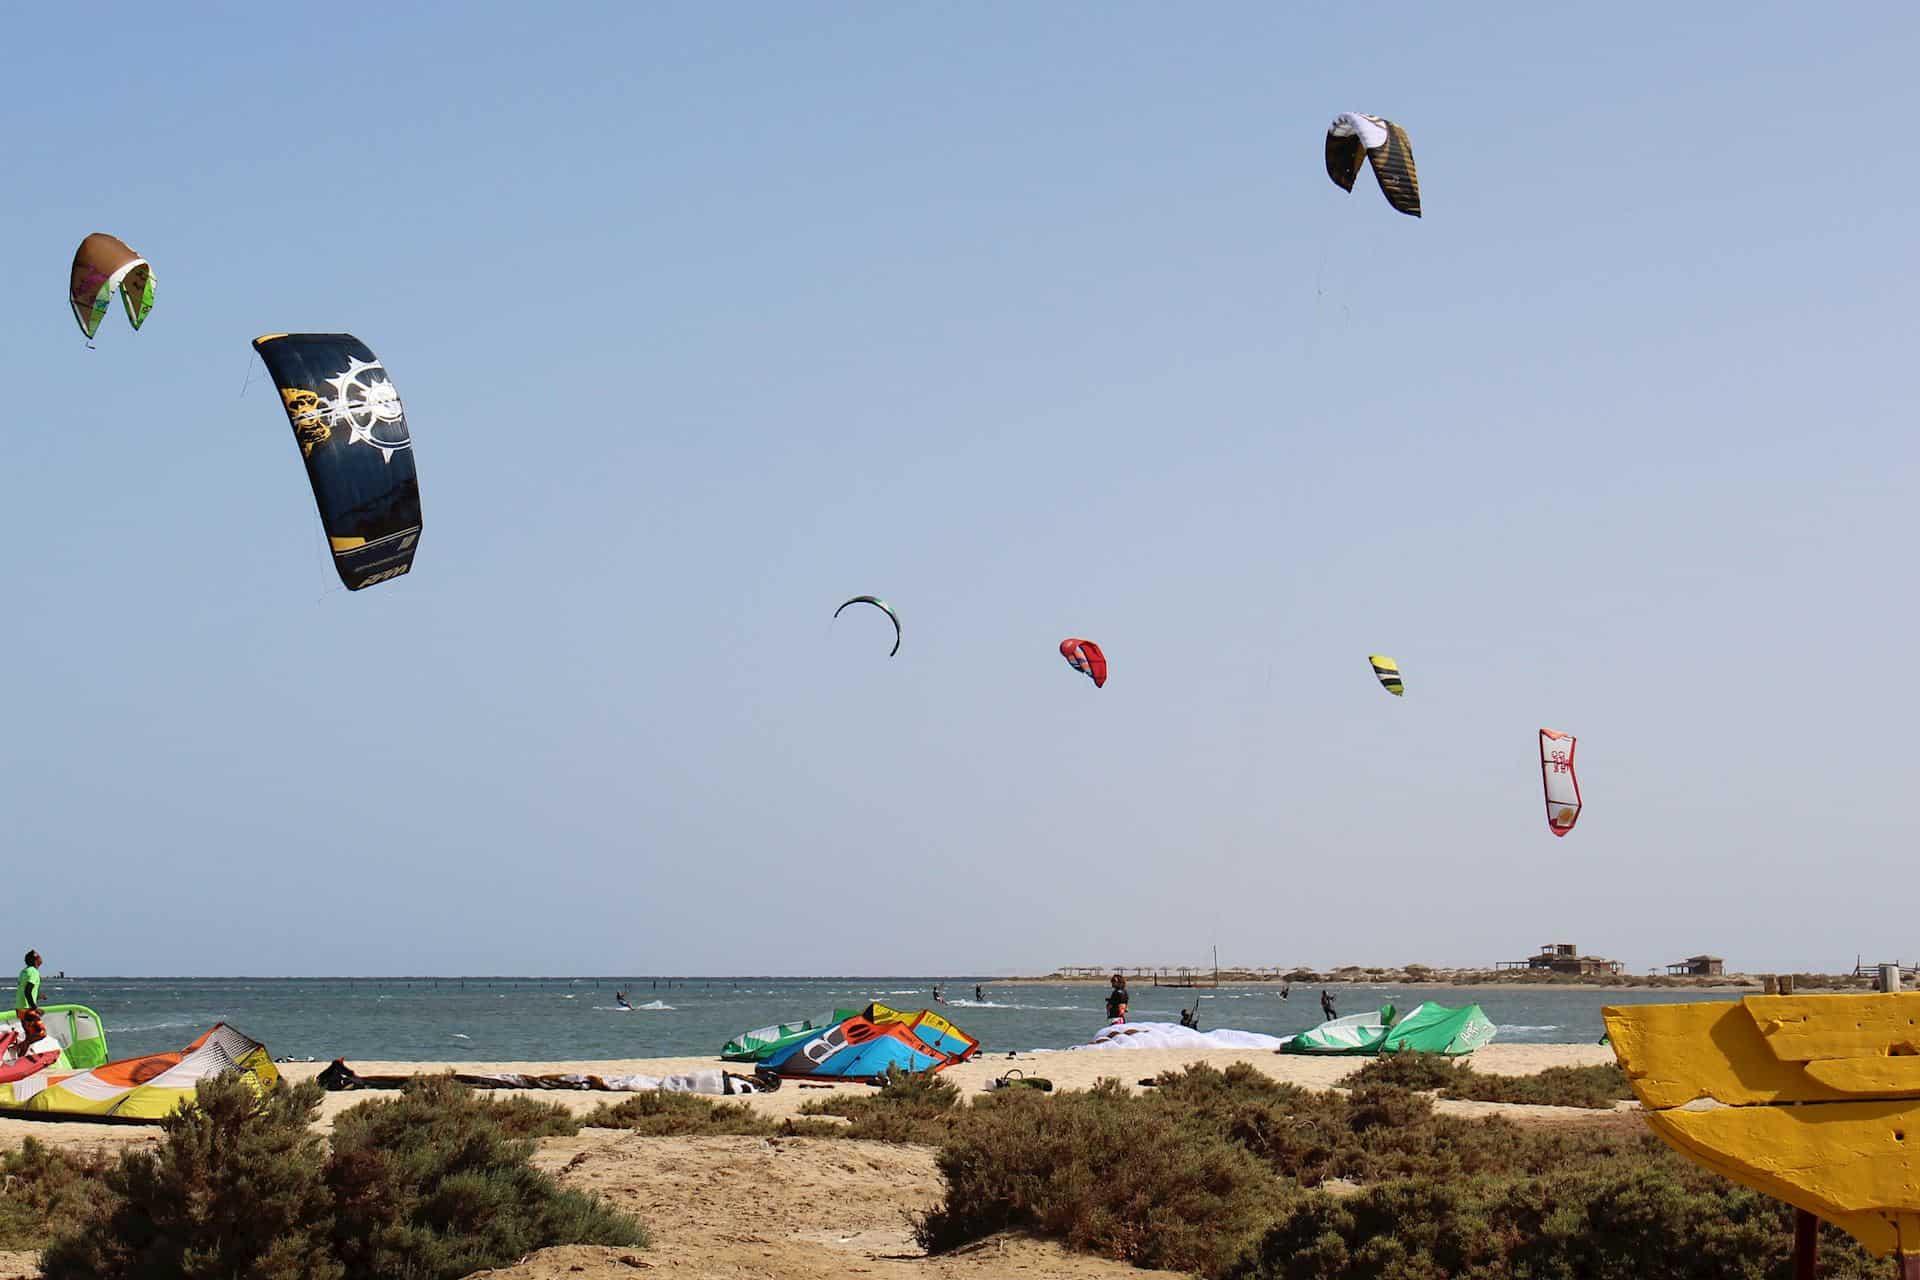 Ägyptenreise bei bluebirdkite.de gefeatured 1